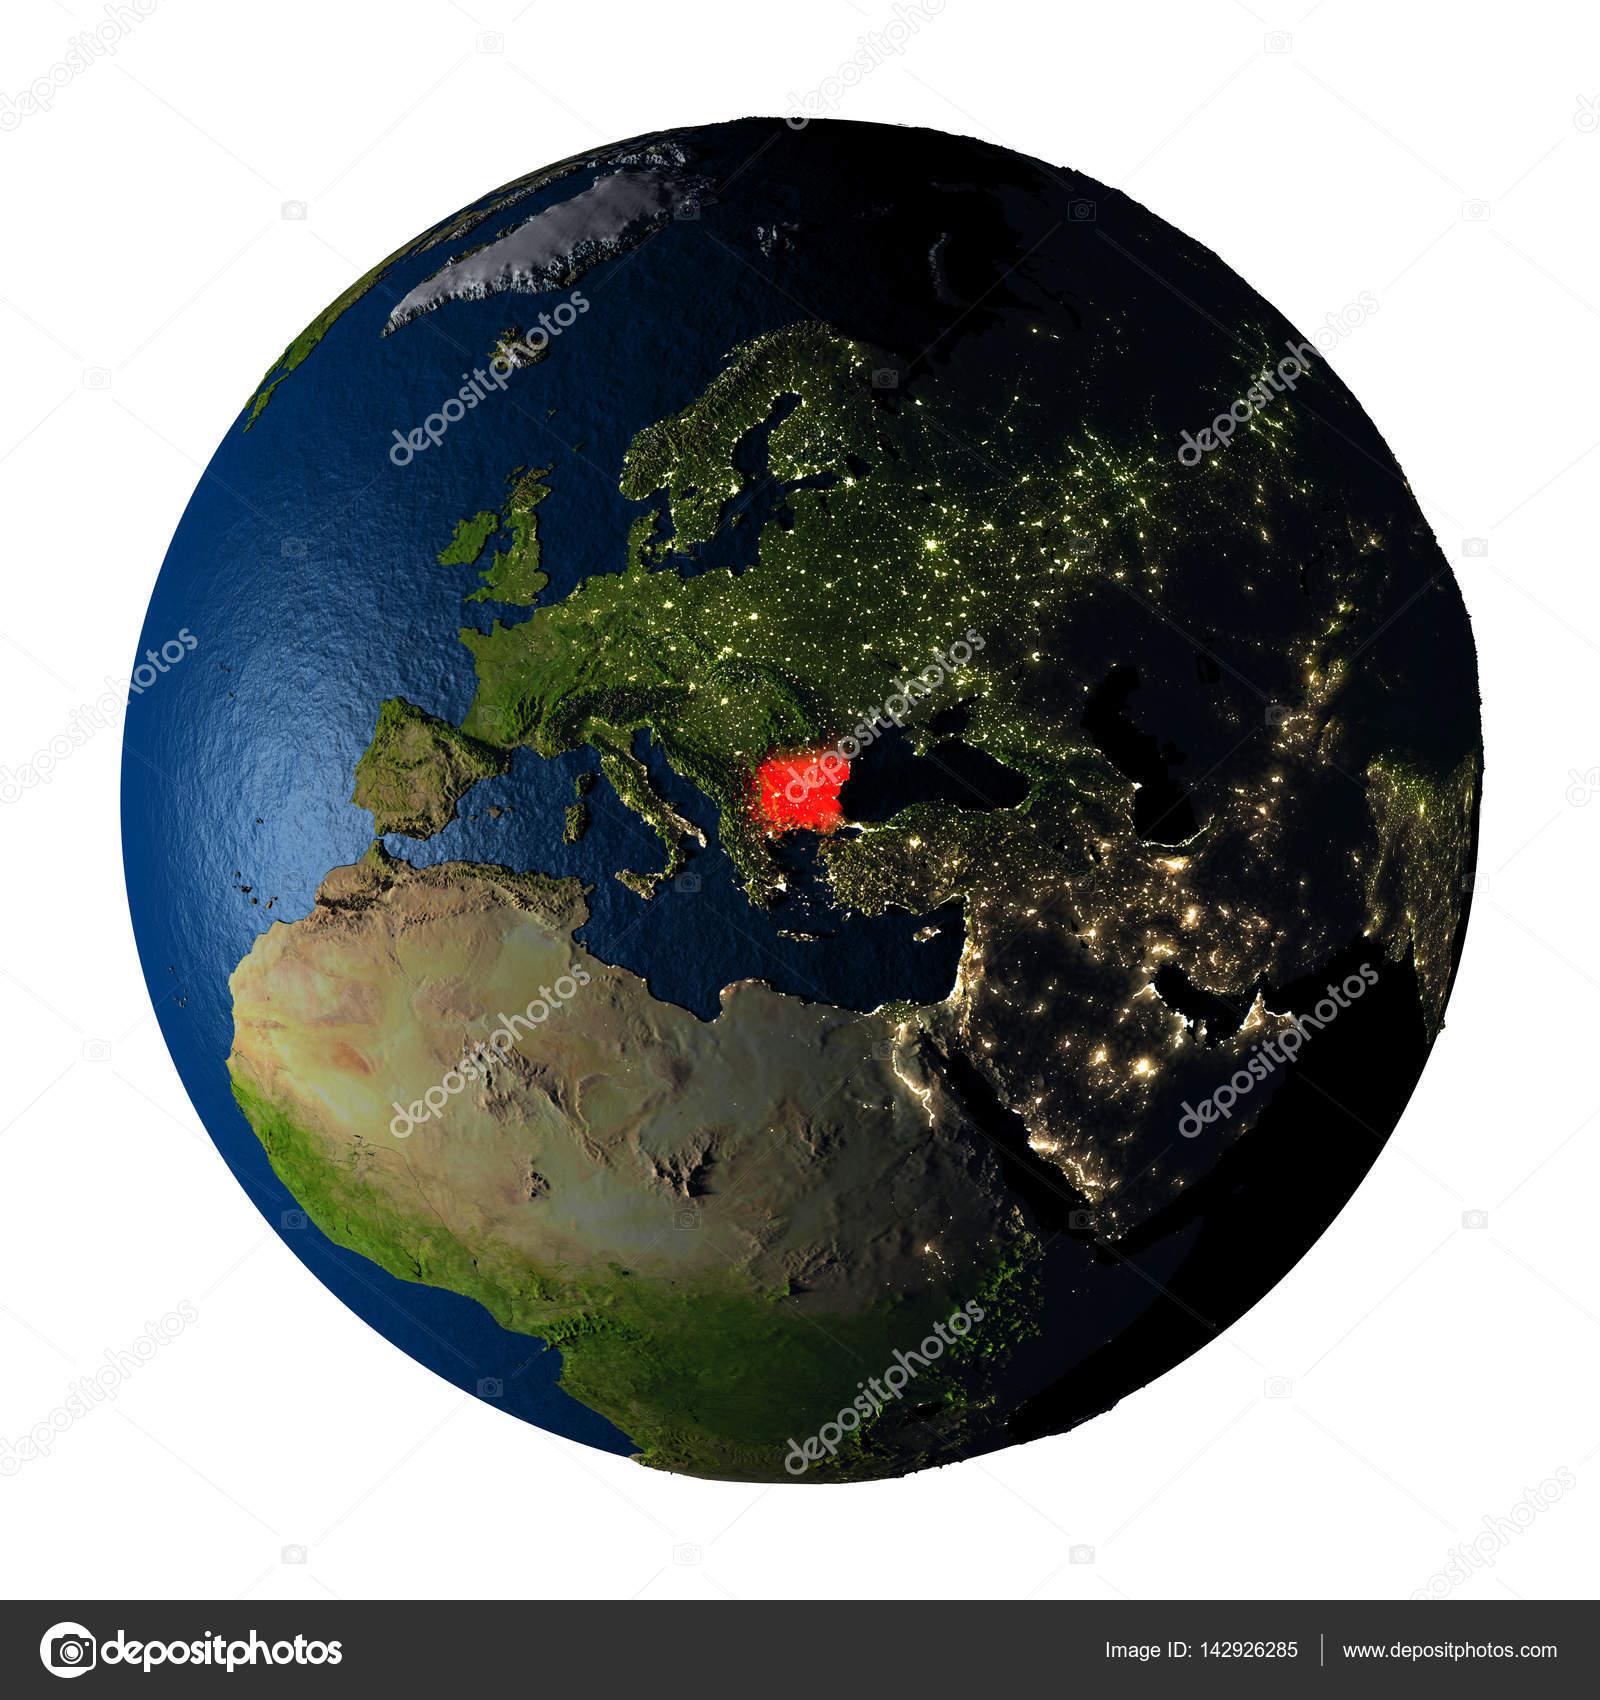 Болгария земля куплю квартиру в германии